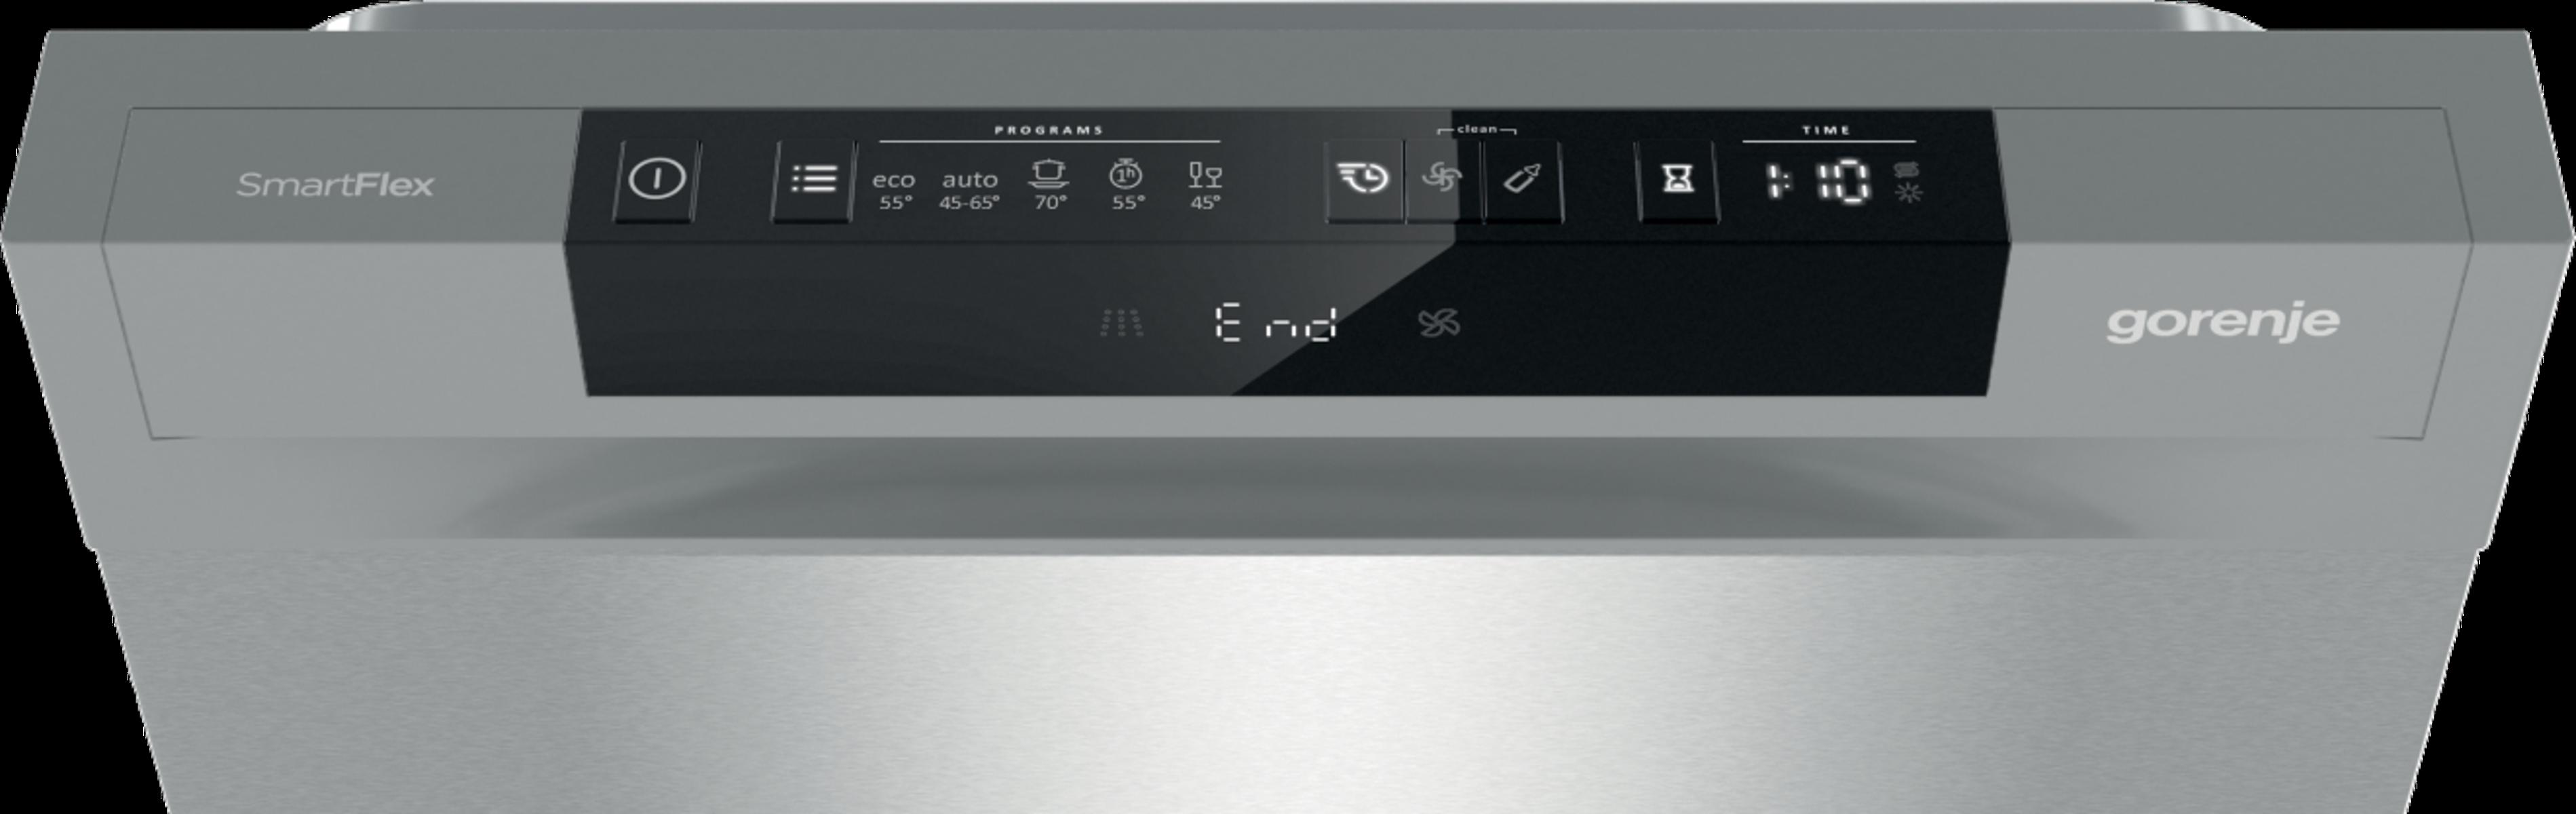 Gorenje GS541D10X mosogatógép